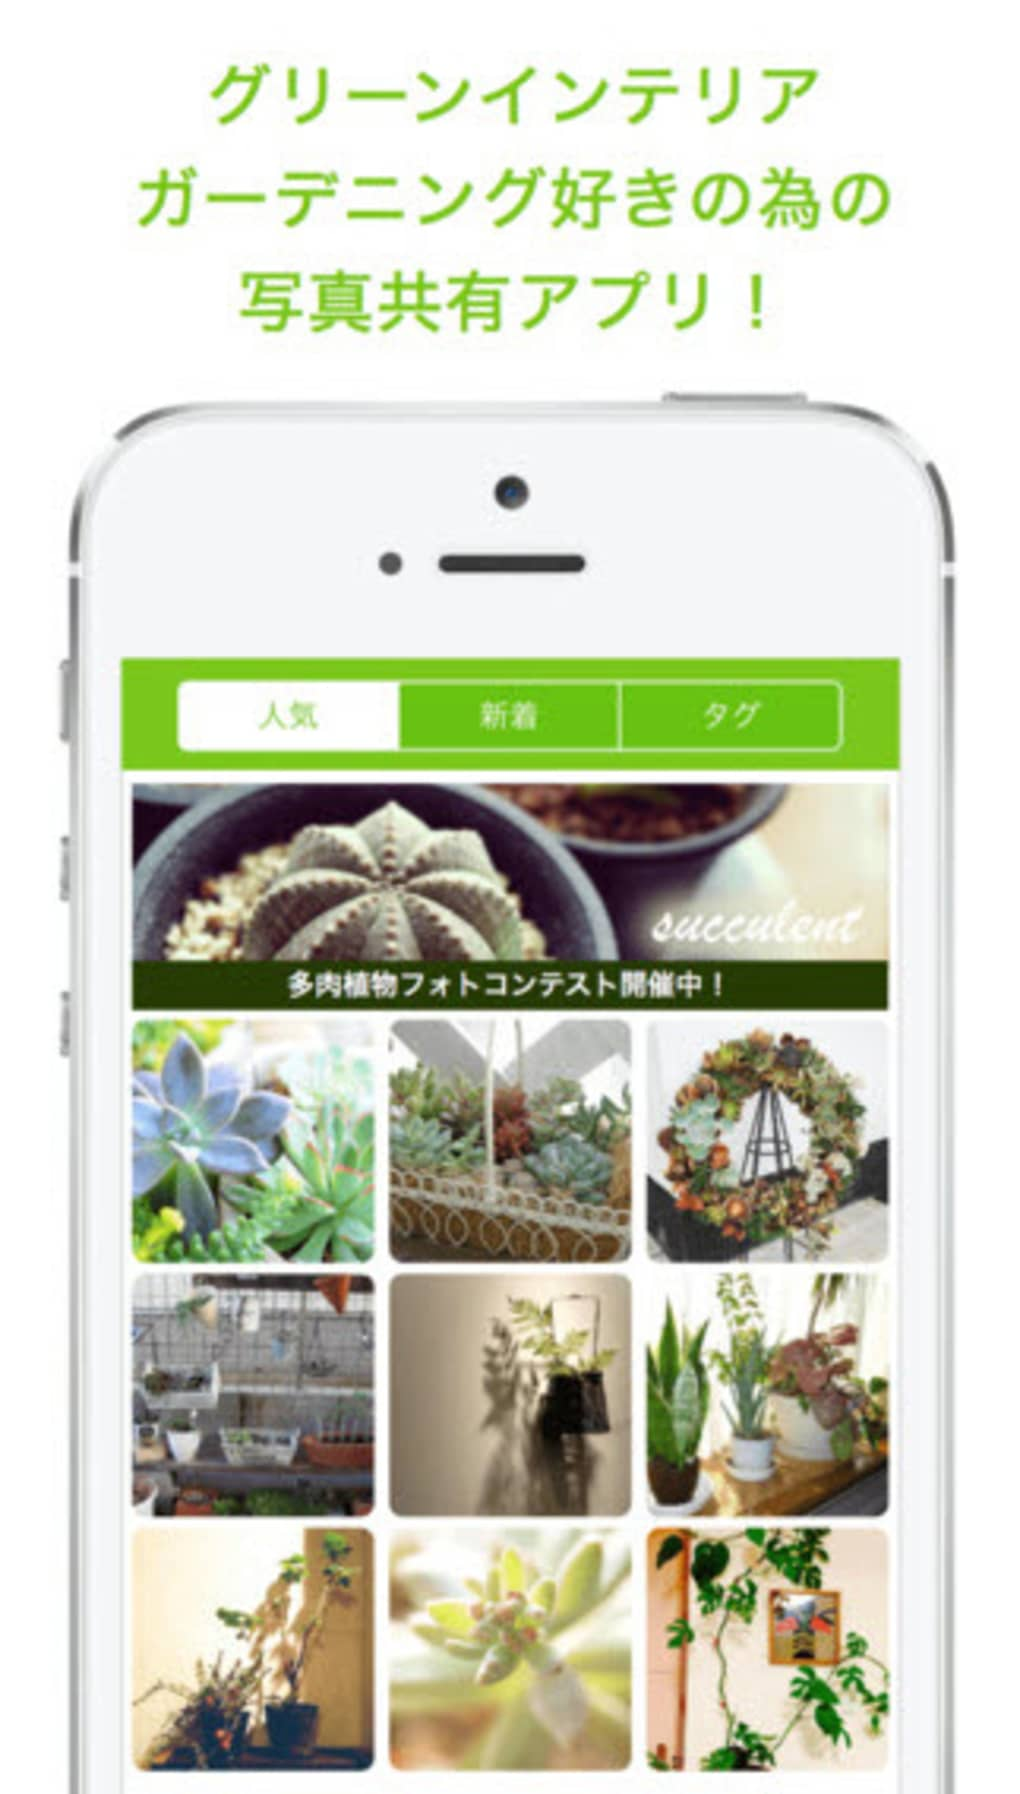 スナップ アプリ グリーン